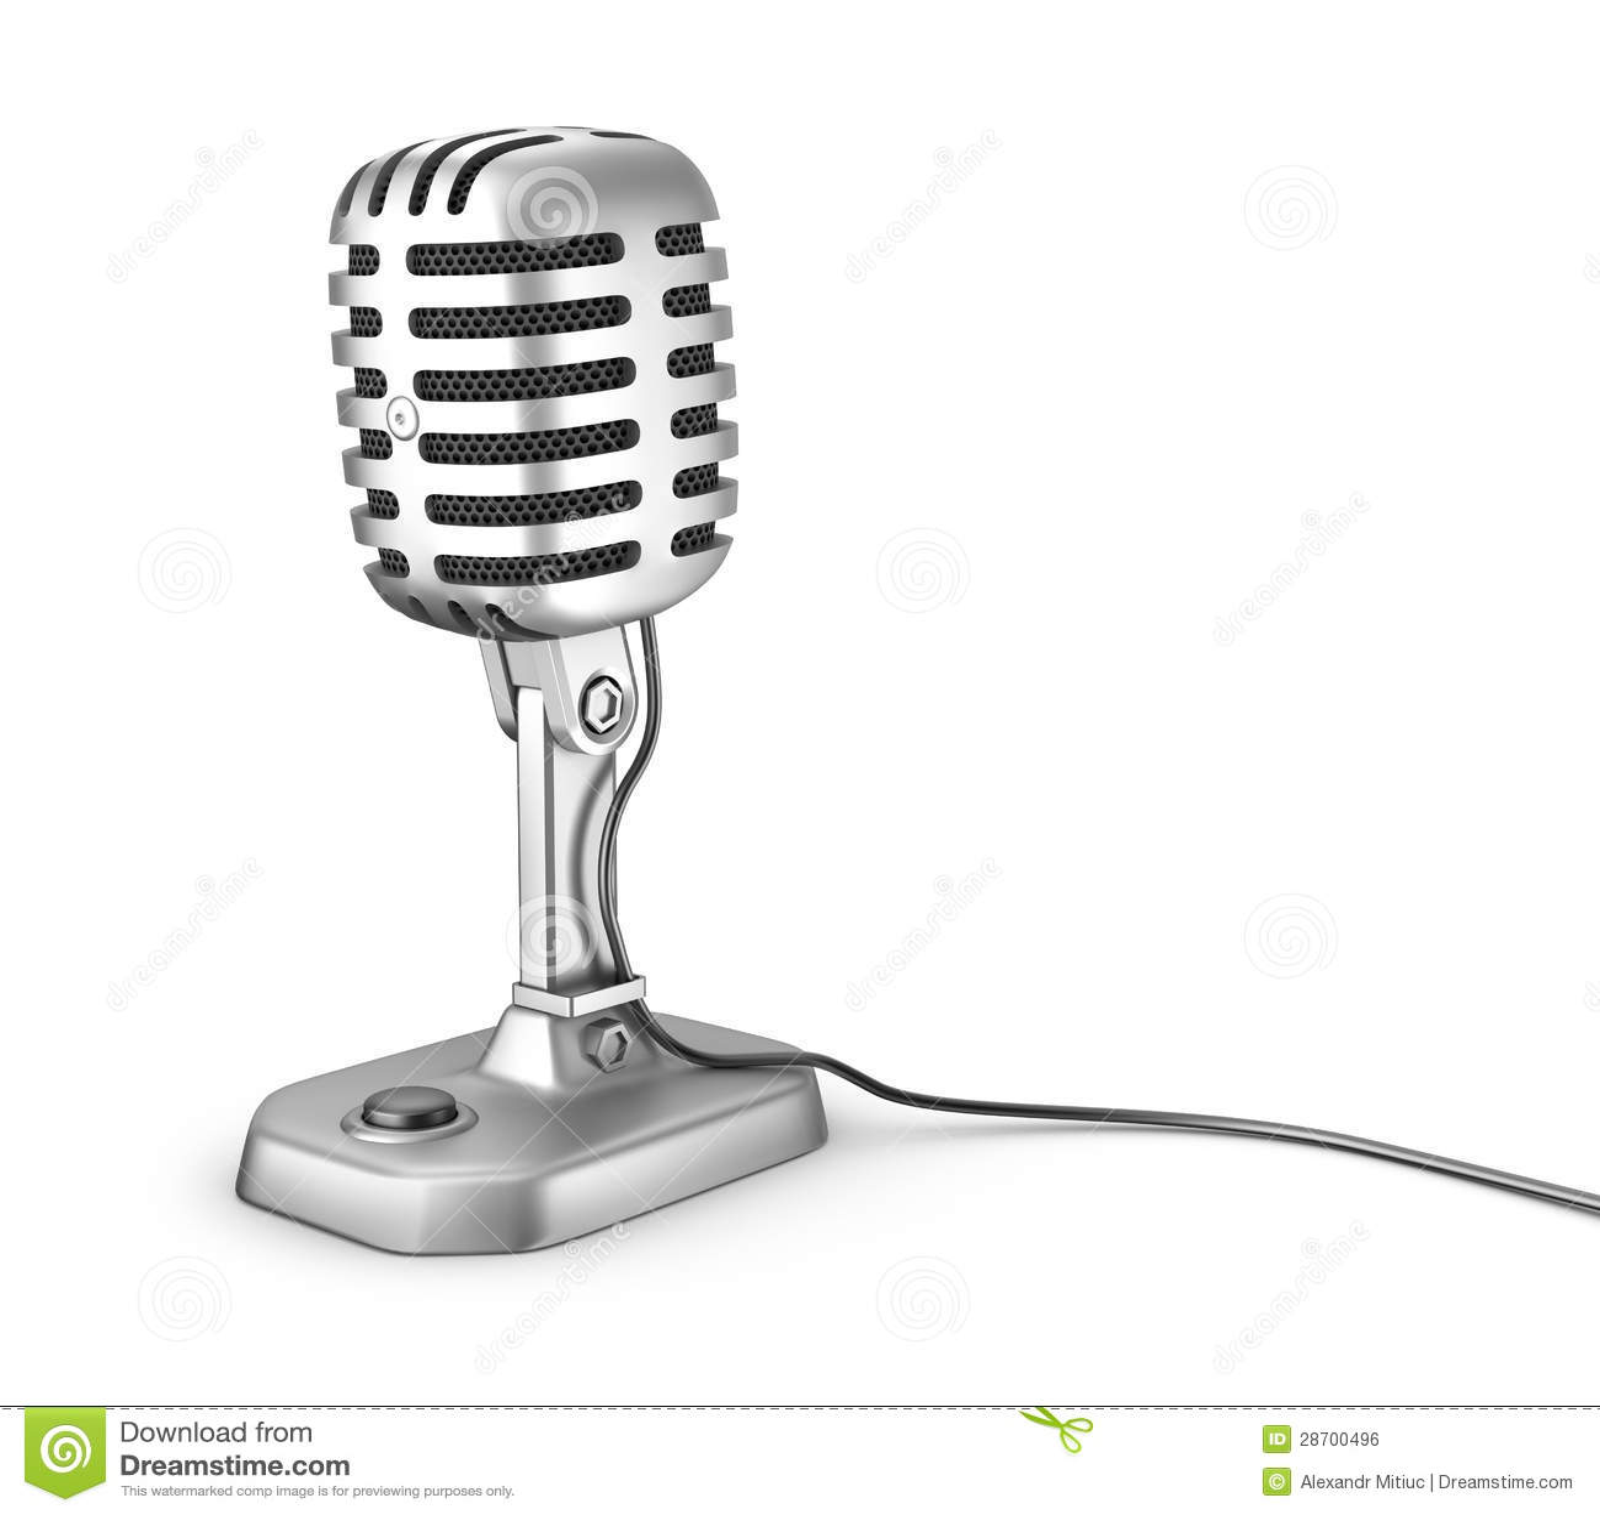 Αναδρομικό μικρόφωνο. Απομονωμένος στο λευκό.